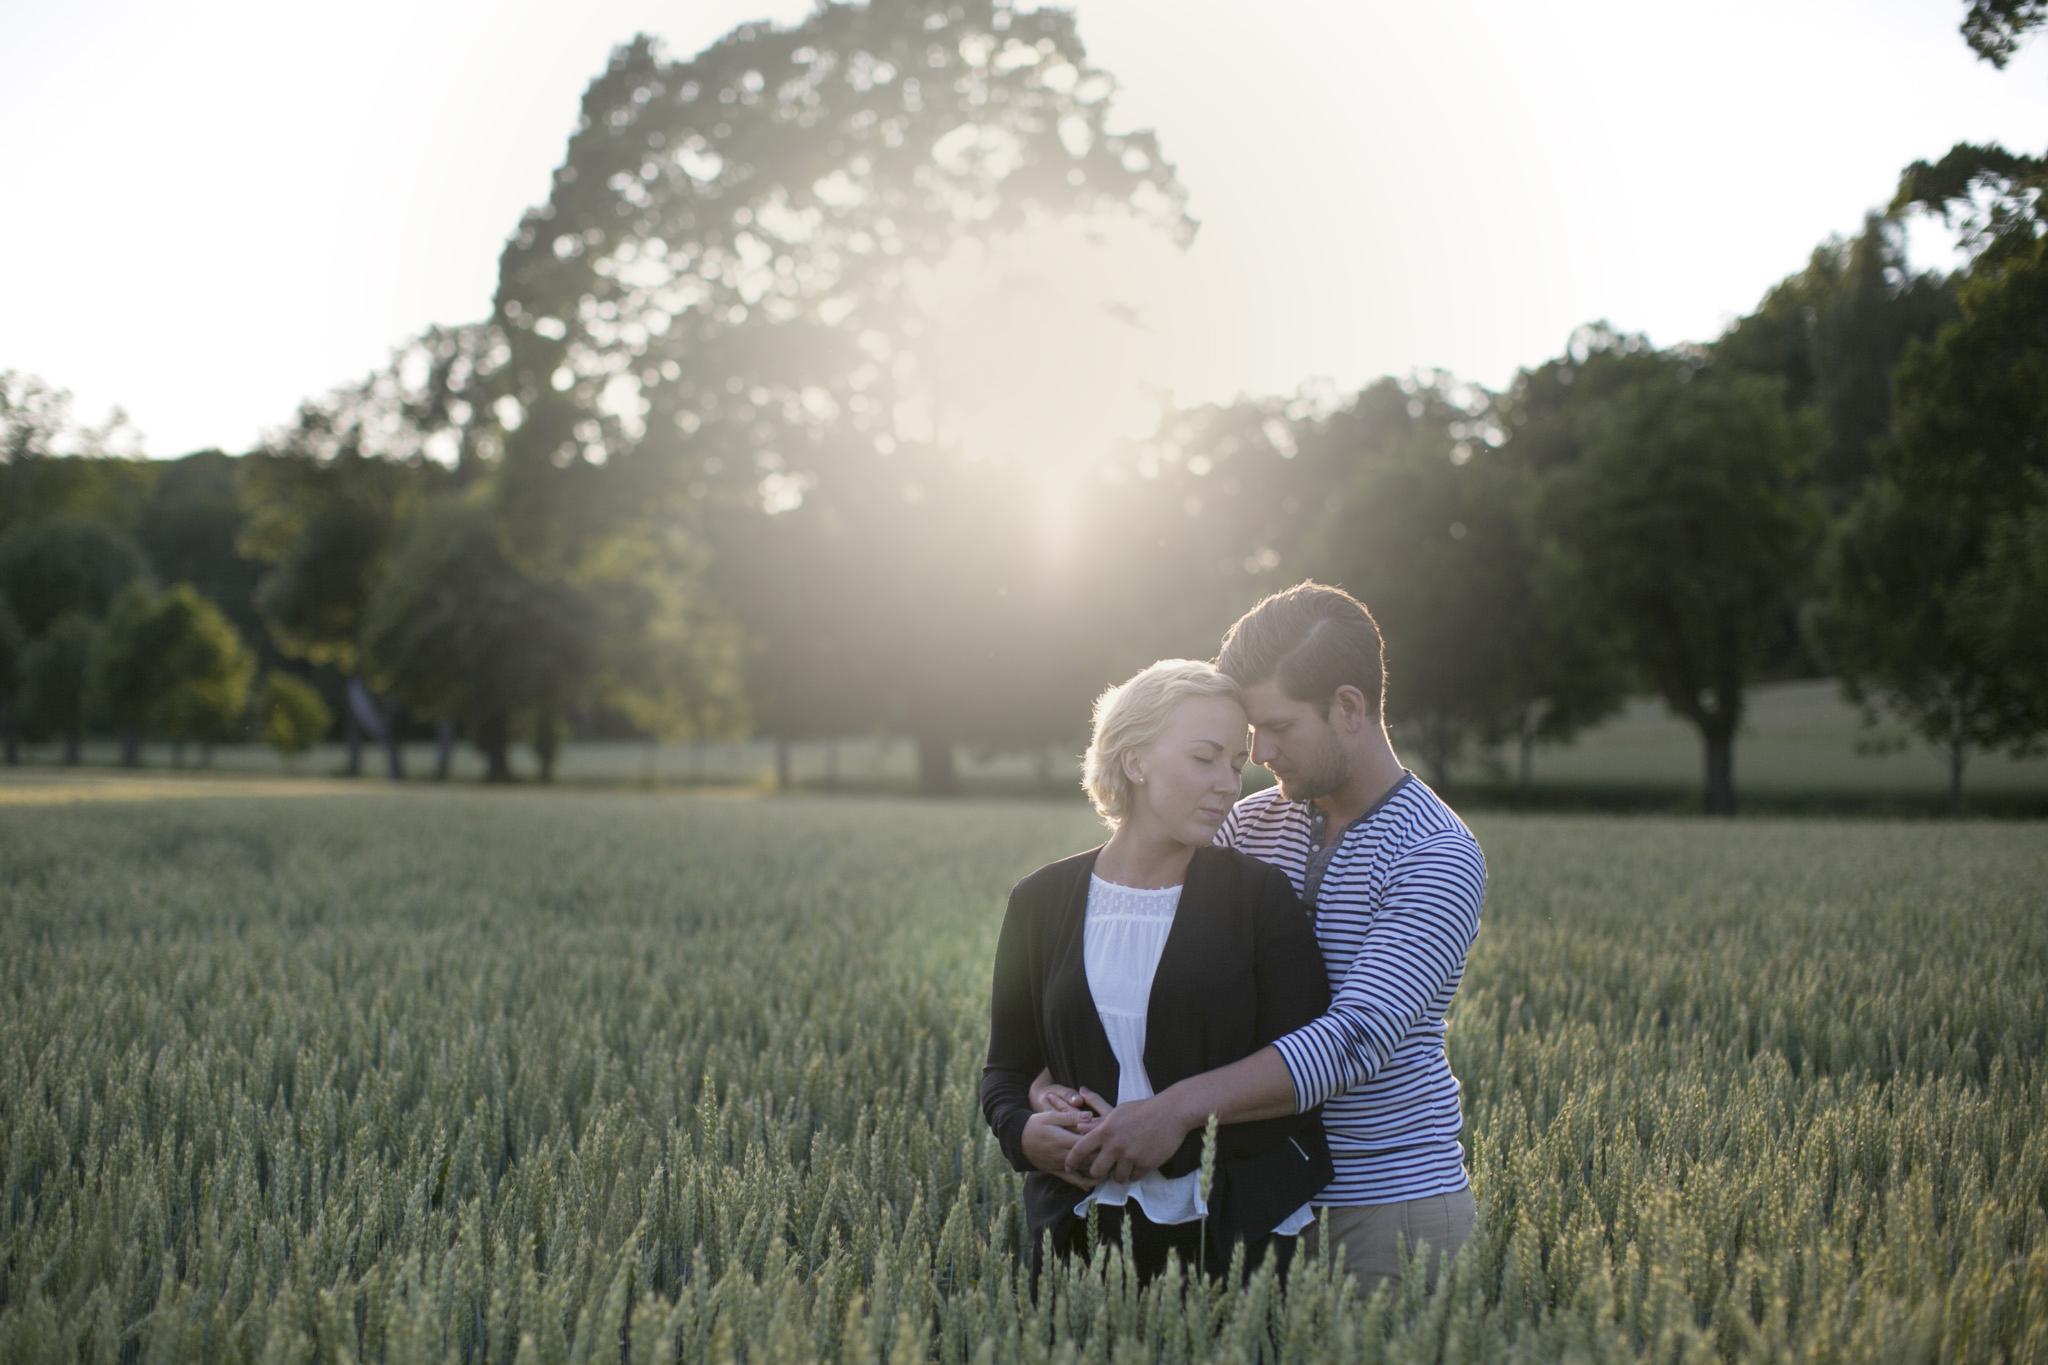 Sarnia dating webbplatser Eker. Dating golfere Tysfjord